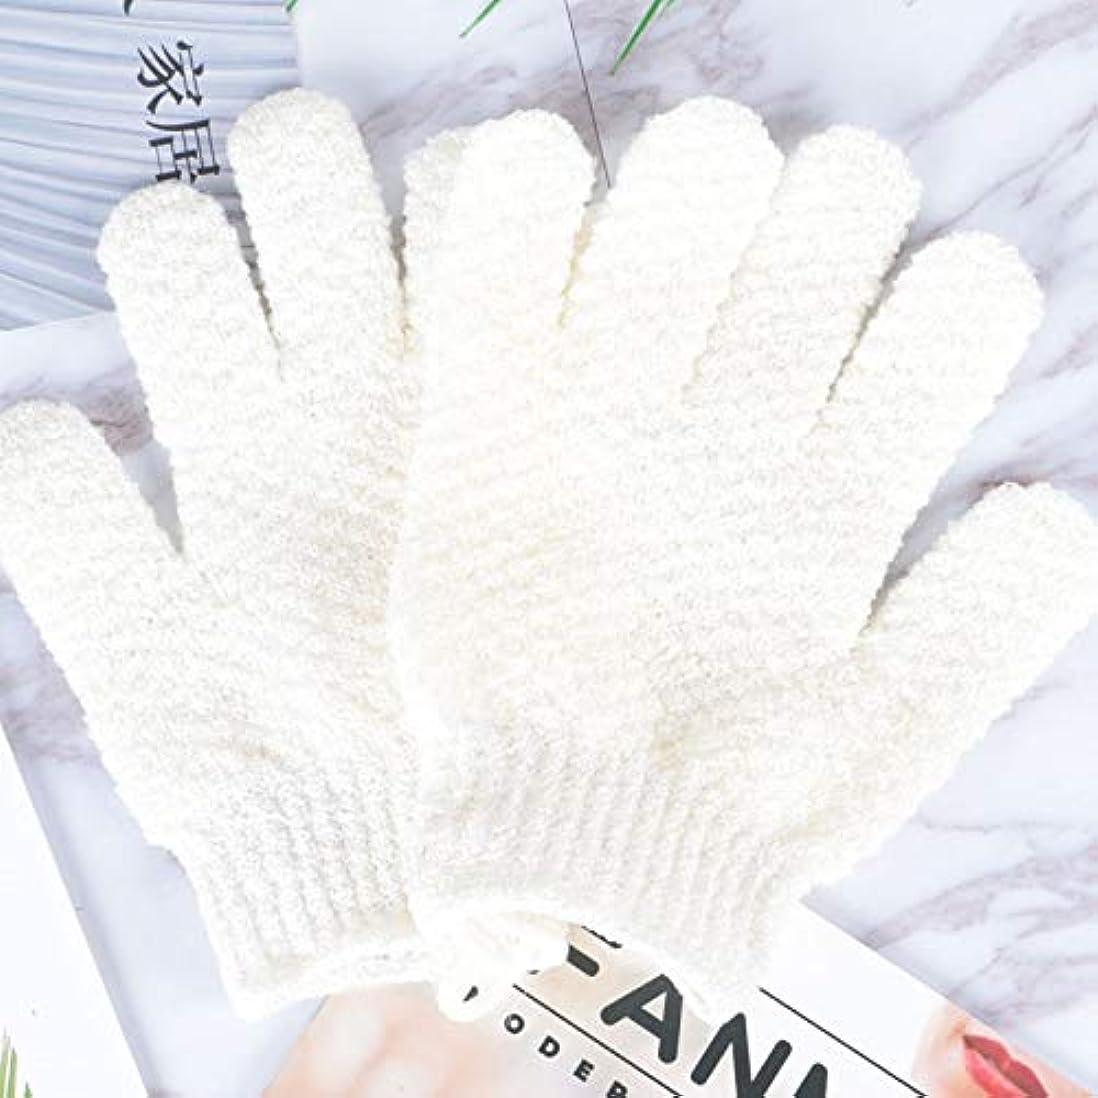 破滅積極的に玉BTXXYJP お風呂用手袋 あかすり シャワー手袋 ボディタオル ボディブラシ やわらか バス用品 角質除去 (Color : GREEN-B)